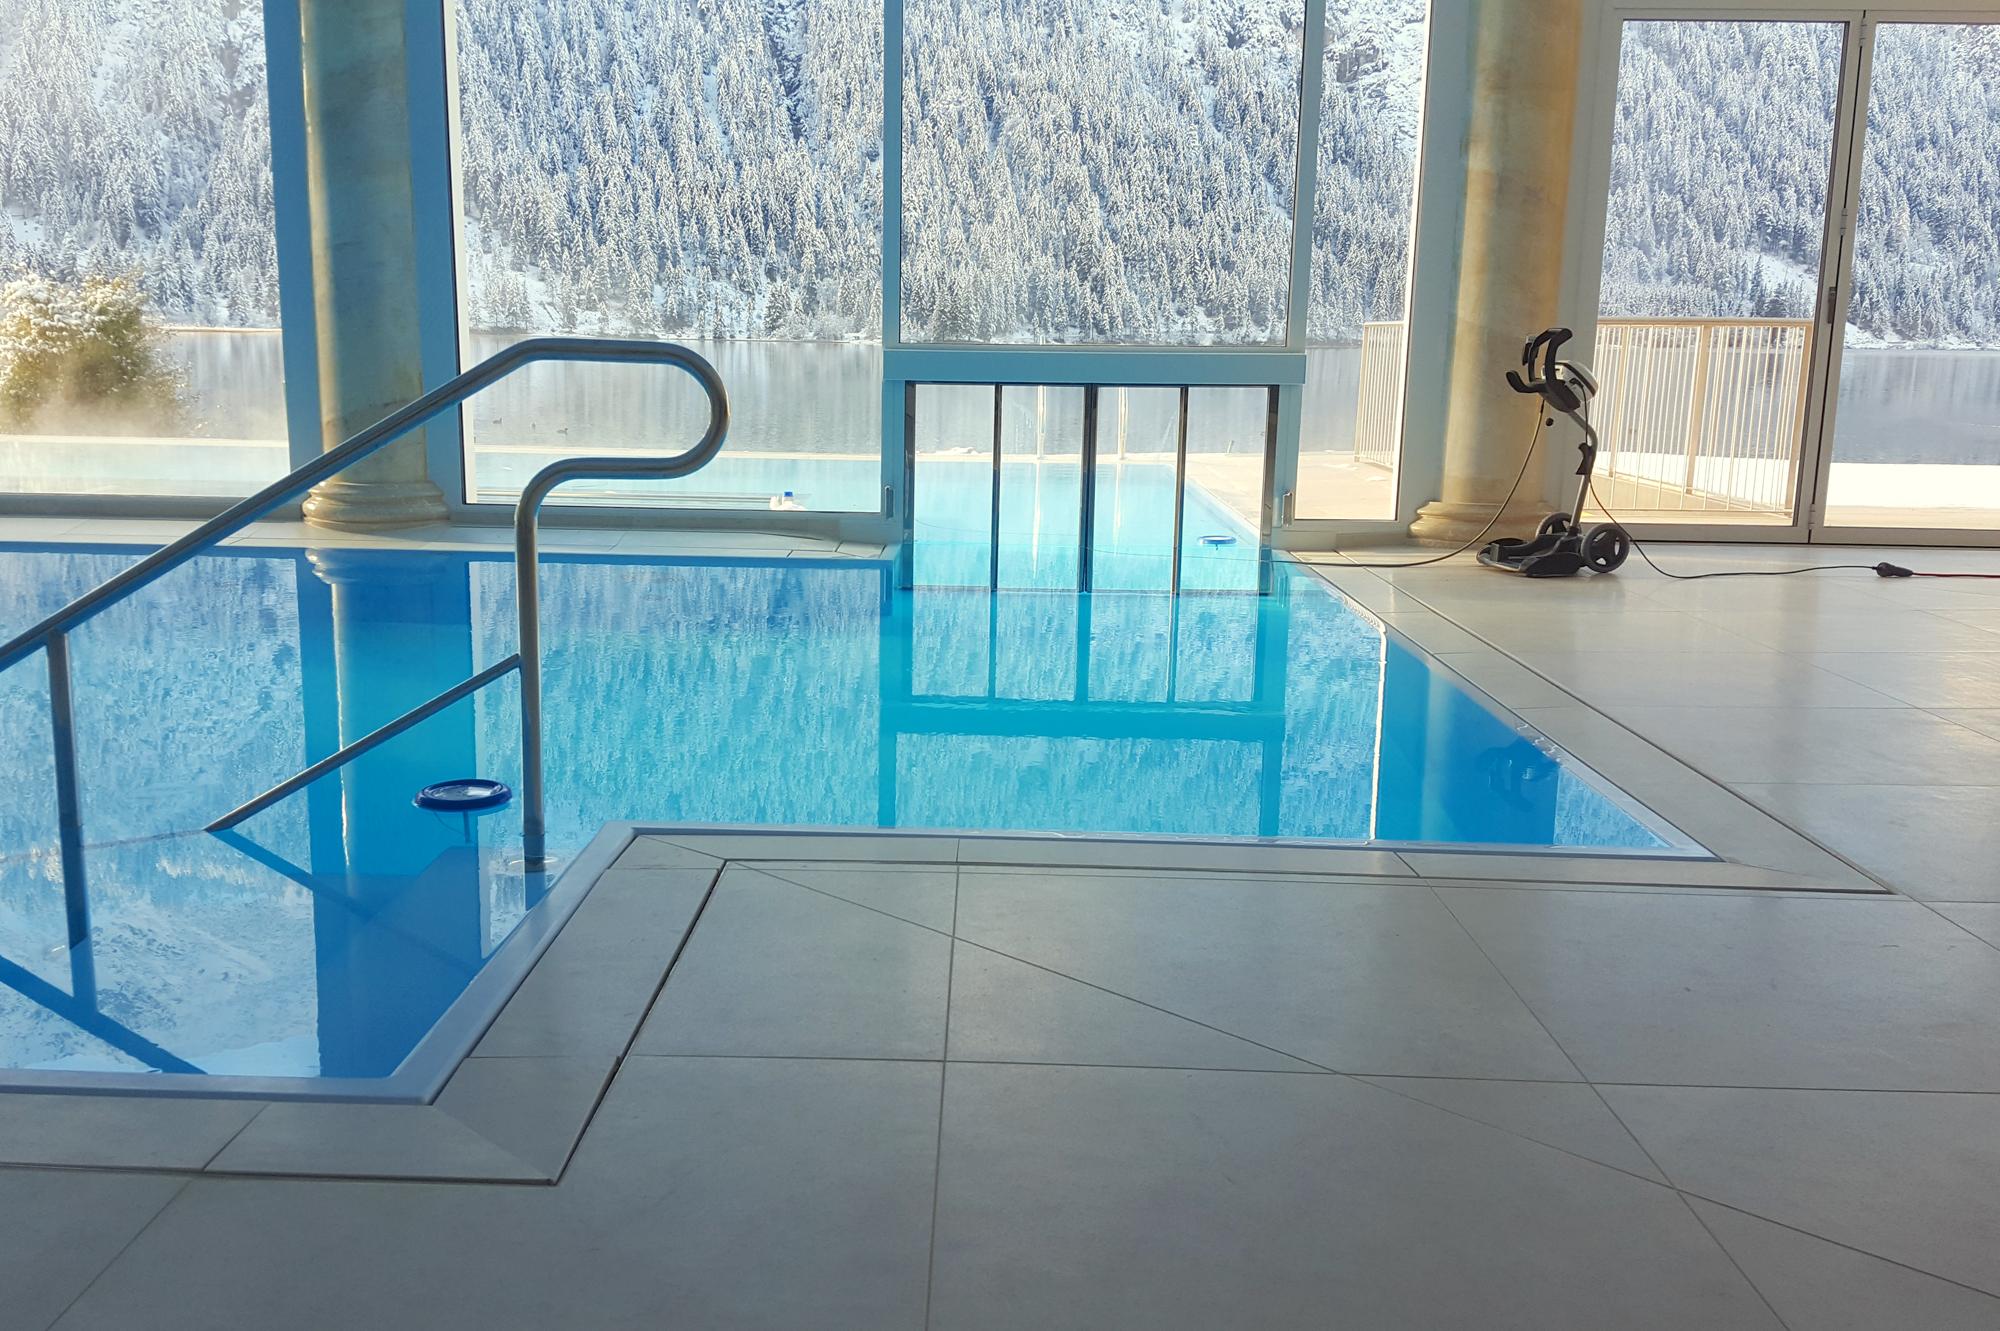 zweiteiliges Custom Schwimmbad dadurch in 12 m x 18 m